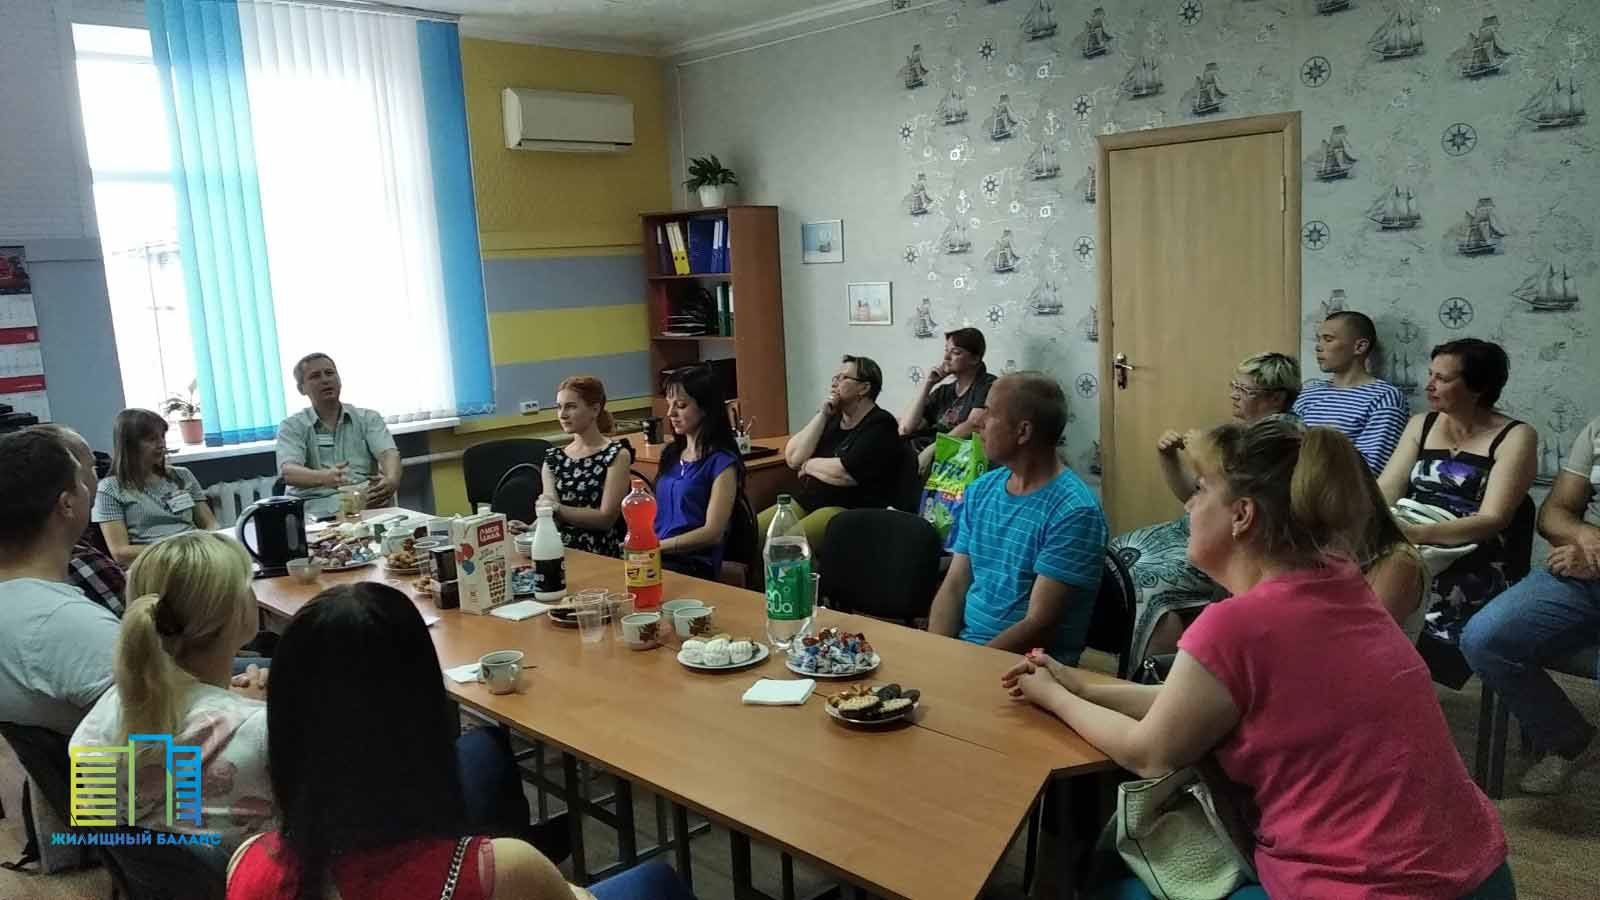 Фото с одной из предыдущих открытых встреч в Могилеве